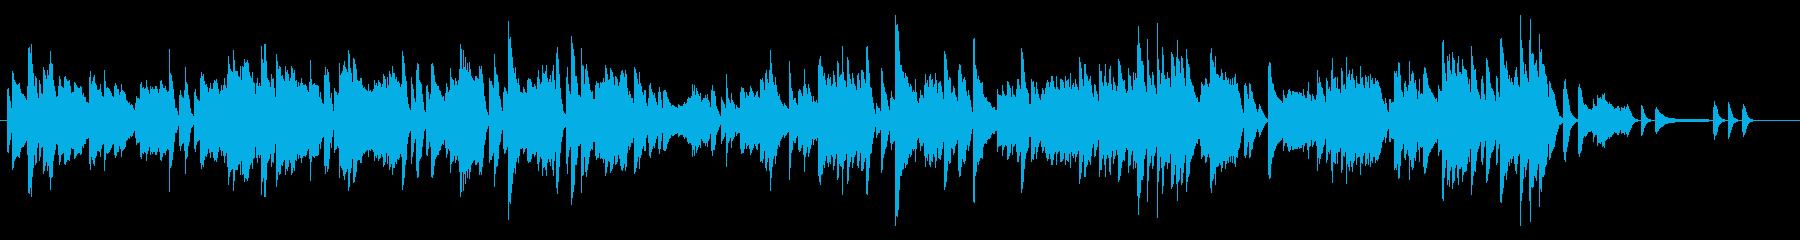 【ピアノ曲】前向きに走り出すイメージの再生済みの波形